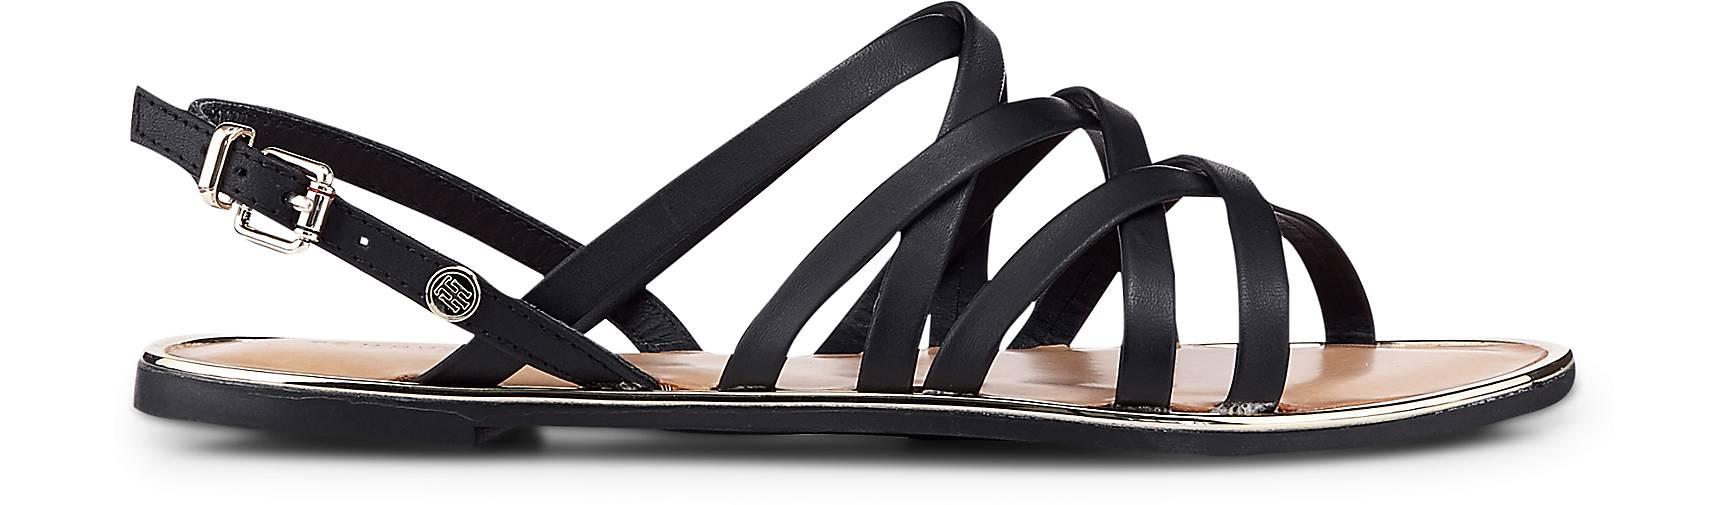 Tommy kaufen Hilfiger Trend-Sandalette in schwarz kaufen Tommy - 47054901   GÖRTZ Gute Qualität beliebte Schuhe b87b67